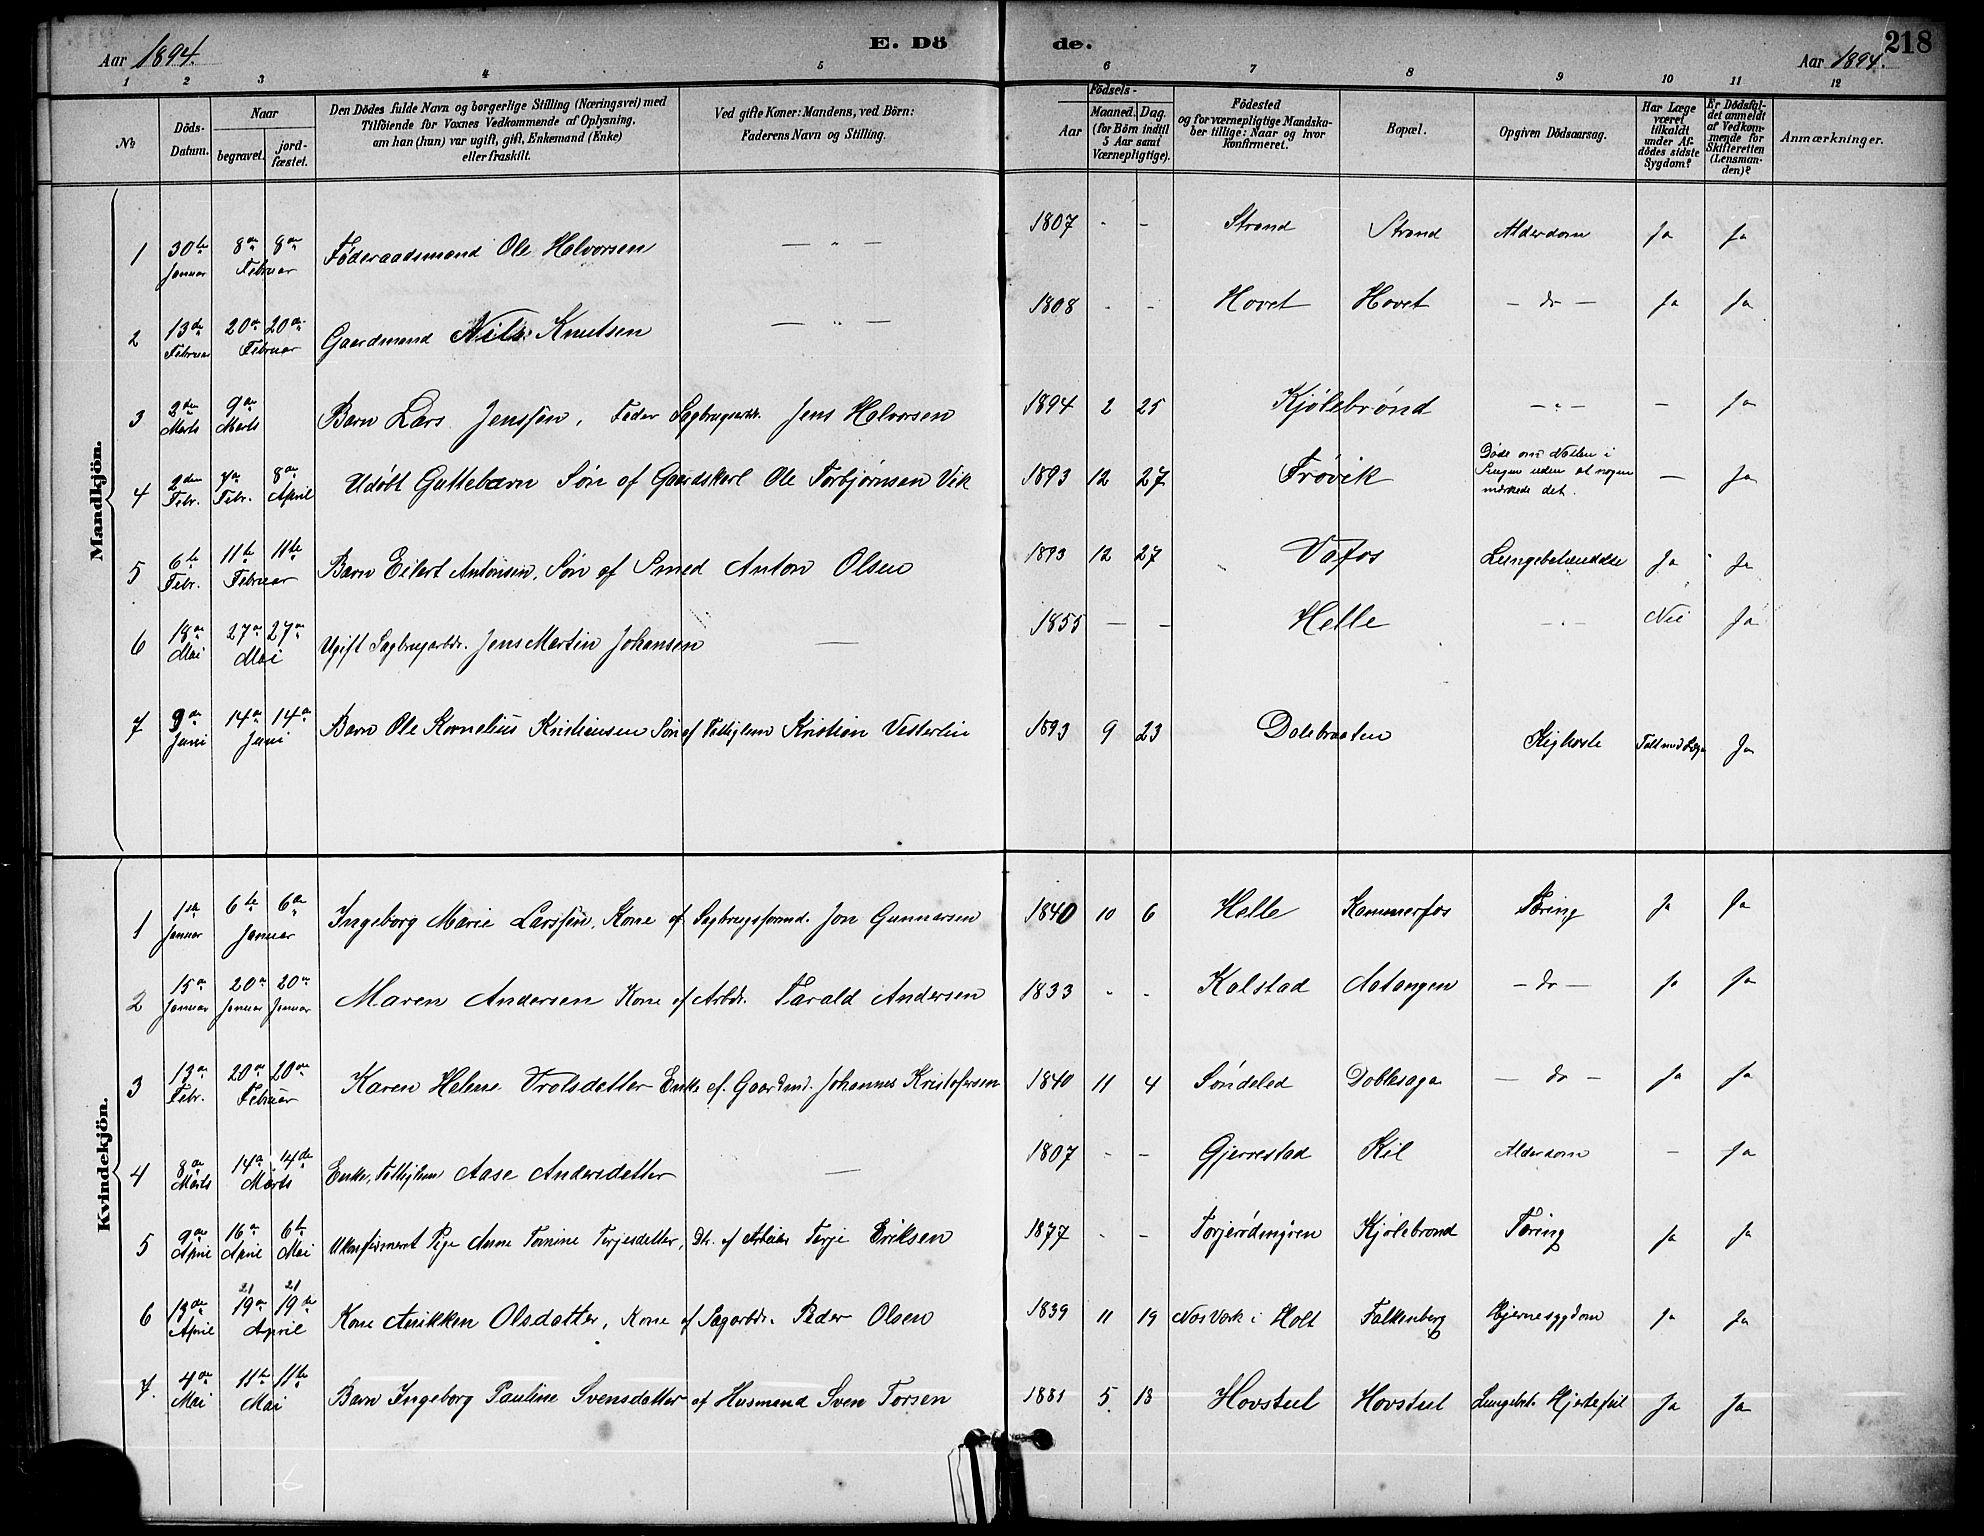 SAKO, Sannidal kirkebøker, G/Ga/L0003: Klokkerbok nr. 3, 1887-1922, s. 218